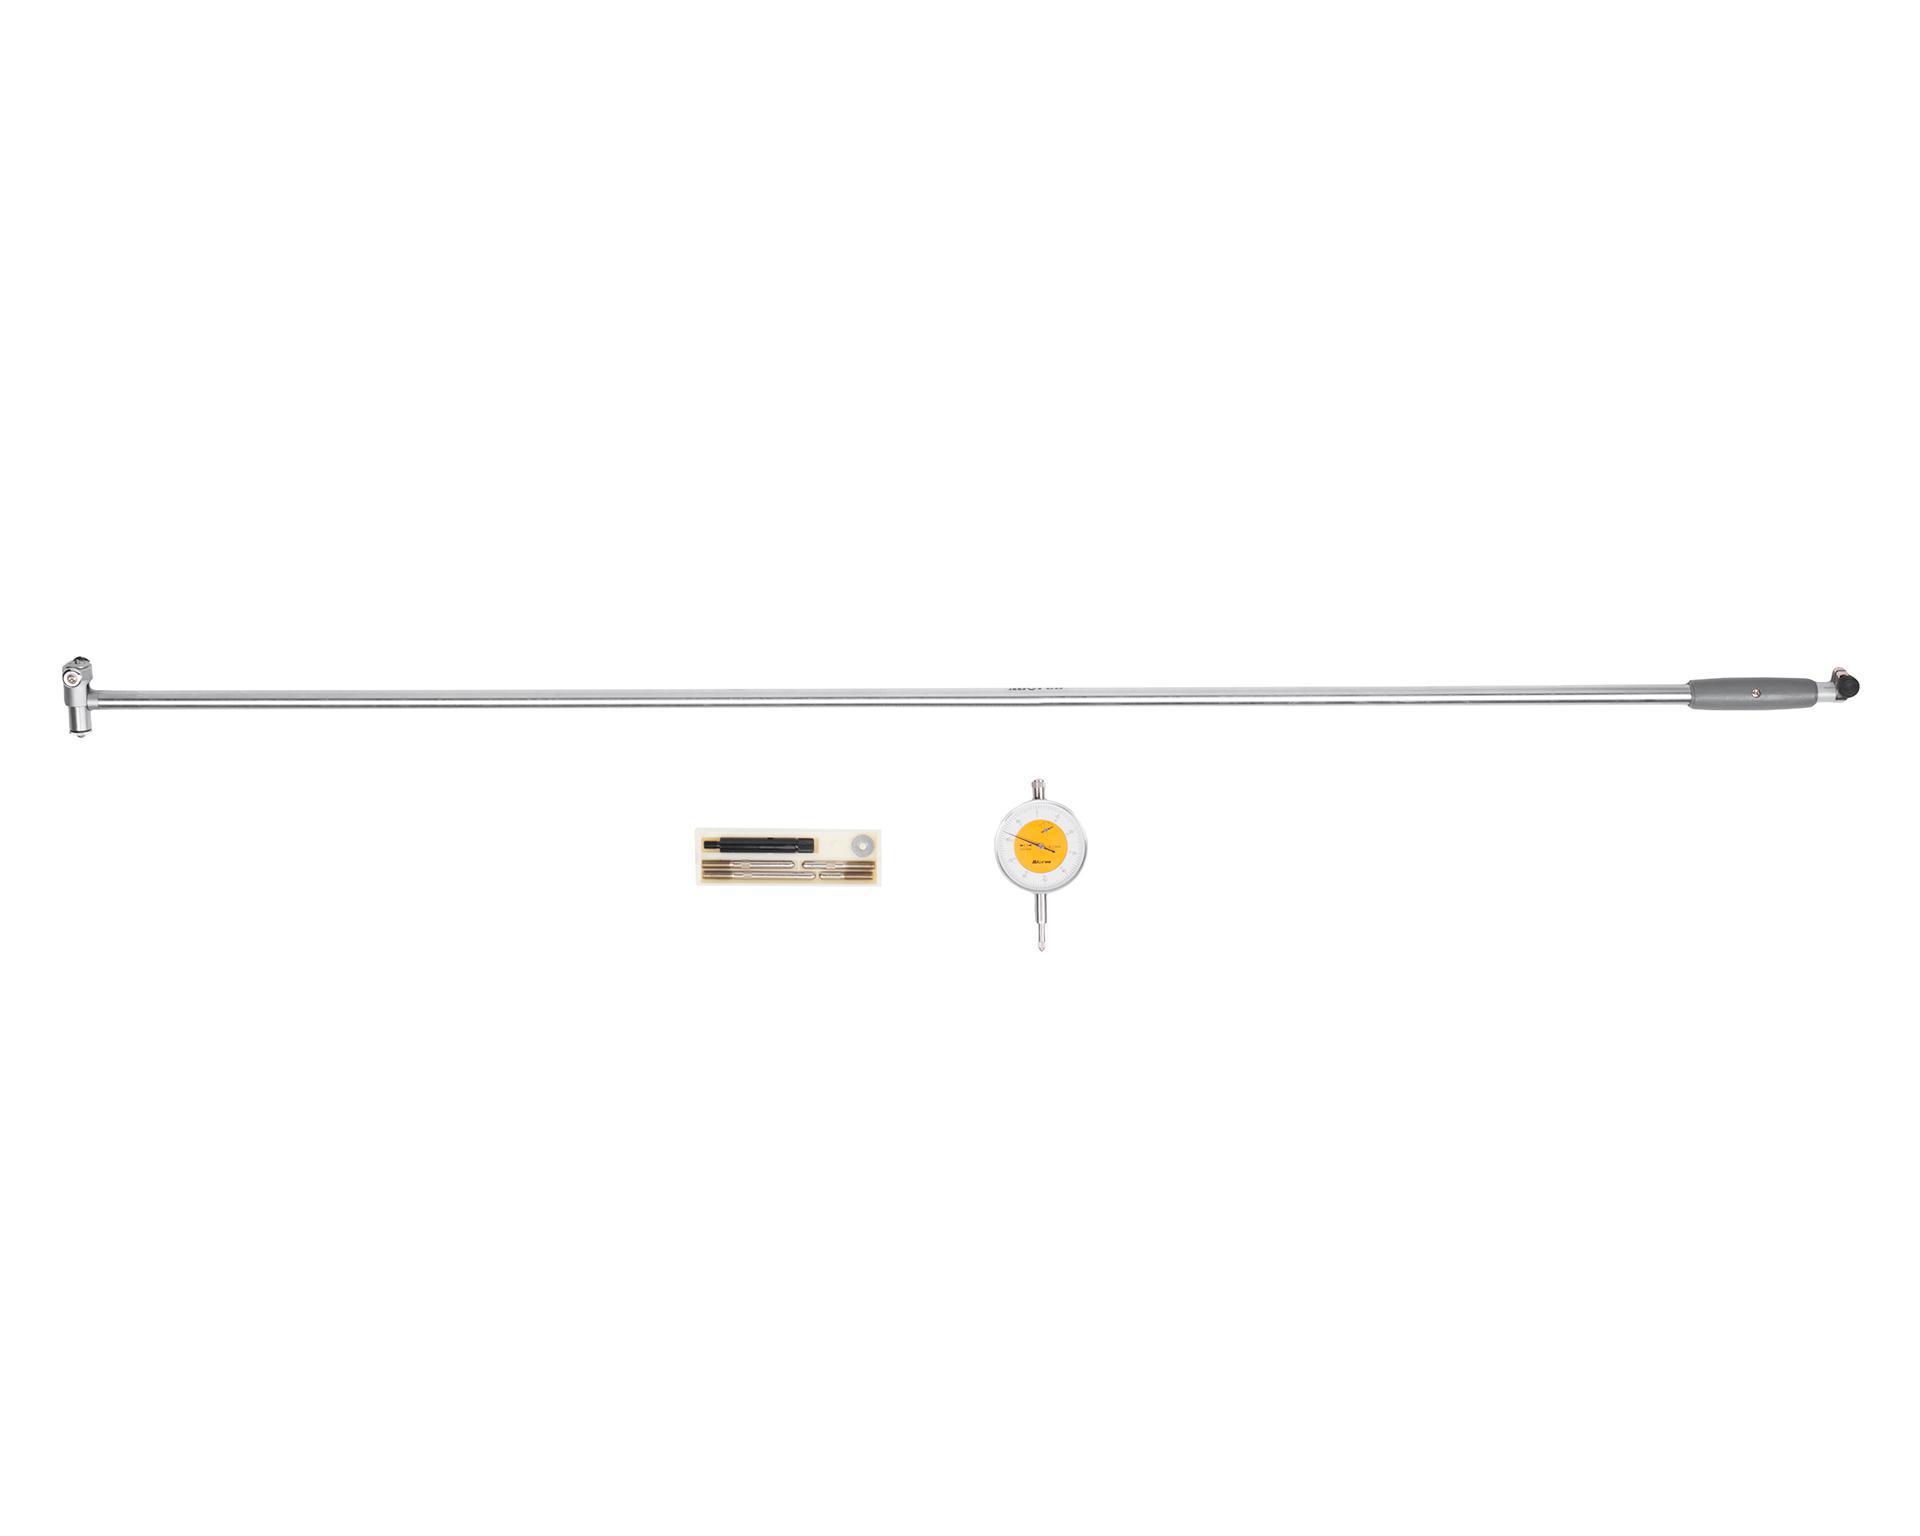 Нутромер Micron НИ 160-250 0,01 с удлин. 1000мм МИК нутромер чиз ни 160 250 0 01